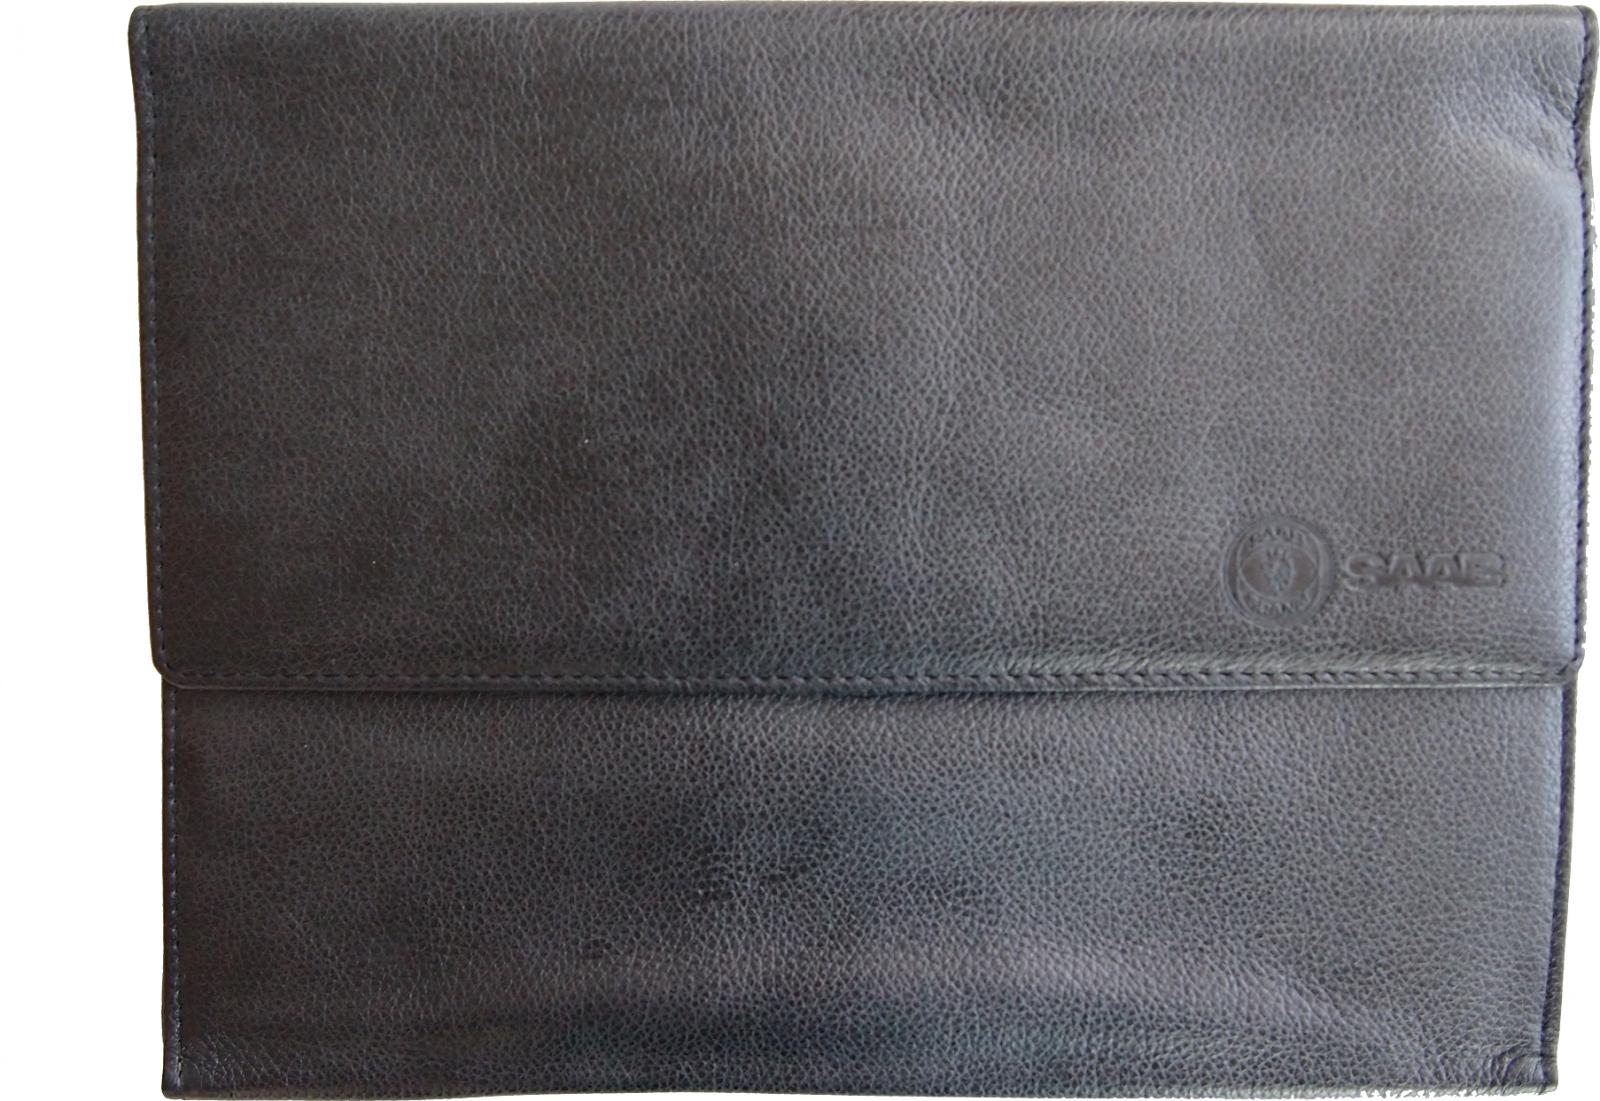 Pochette cuir saab pour carnet d 39 entretien et manuel d 39 utilisation po - Produit nettoyage cuir ...